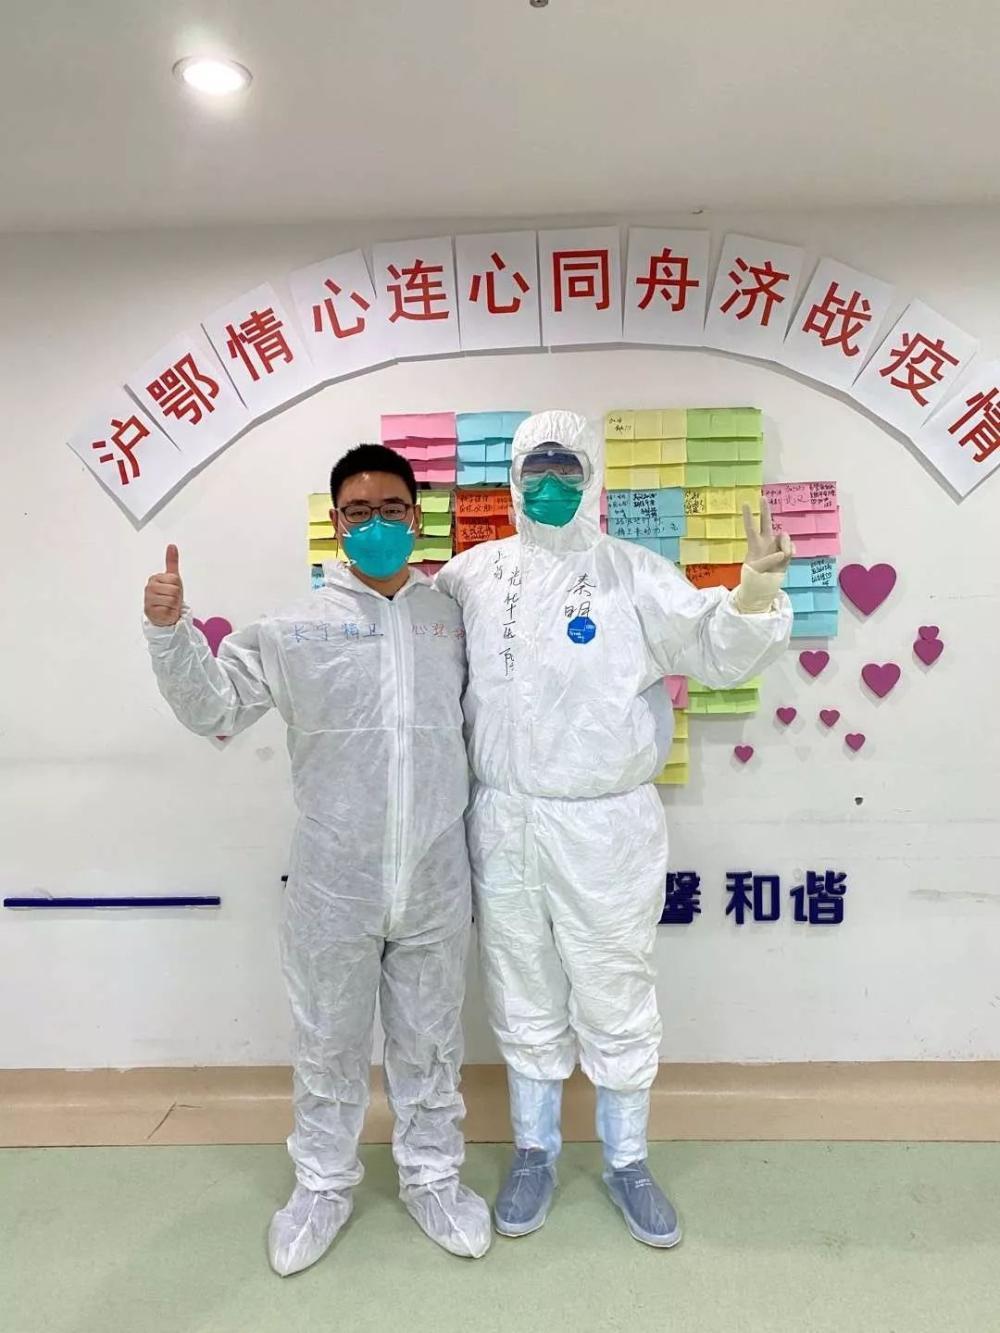 """秦明(右)在医院的心愿墙上写下:""""期待总计快点益首来""""。"""